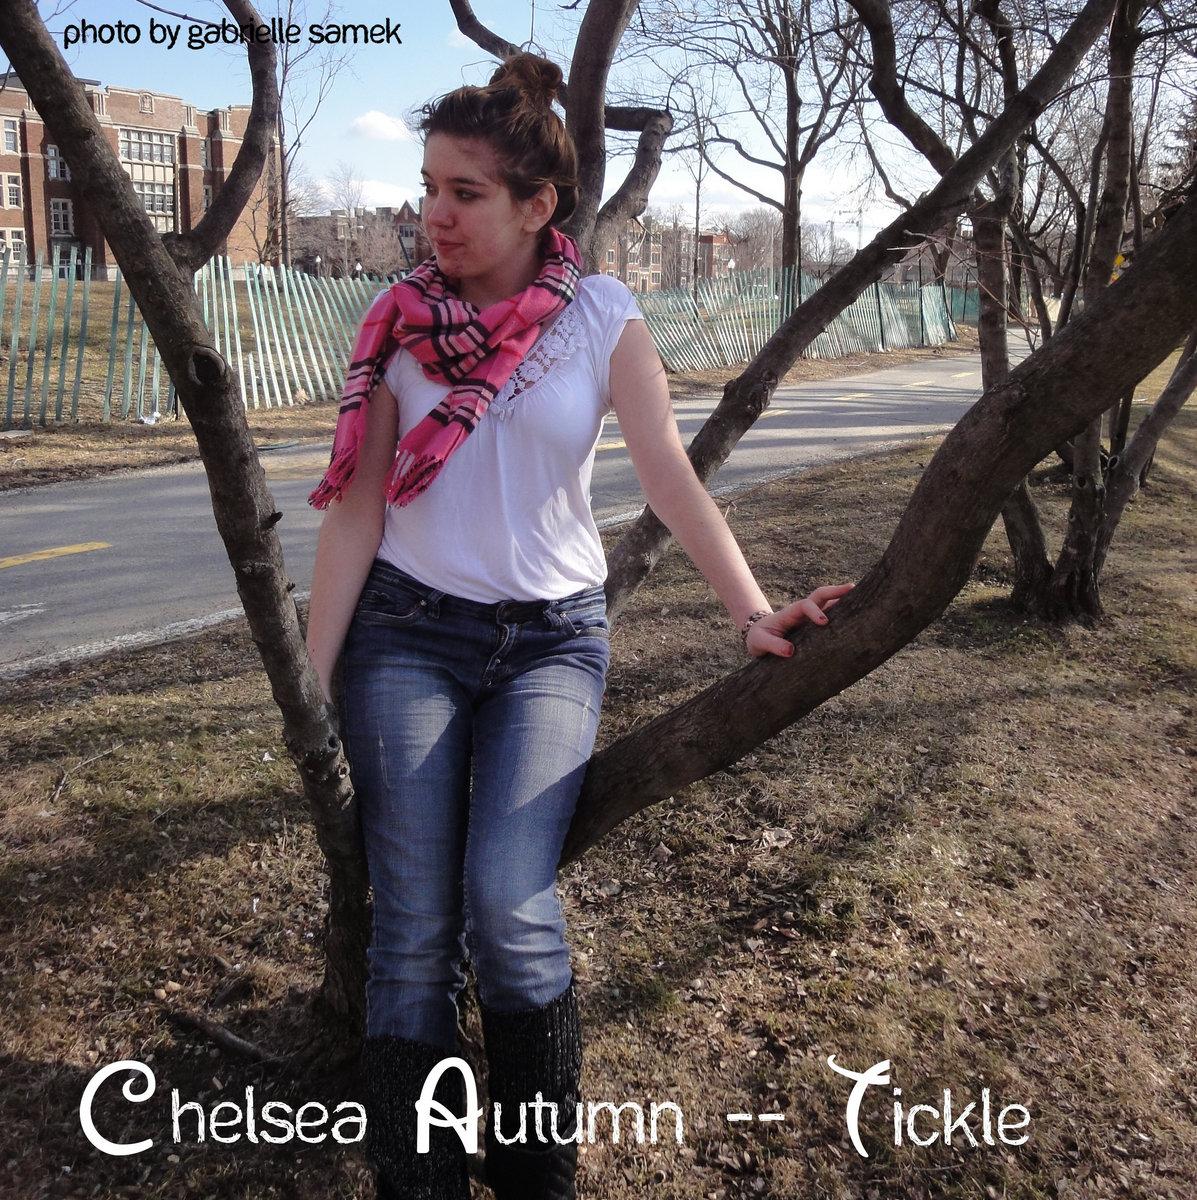 Chelsea autumn